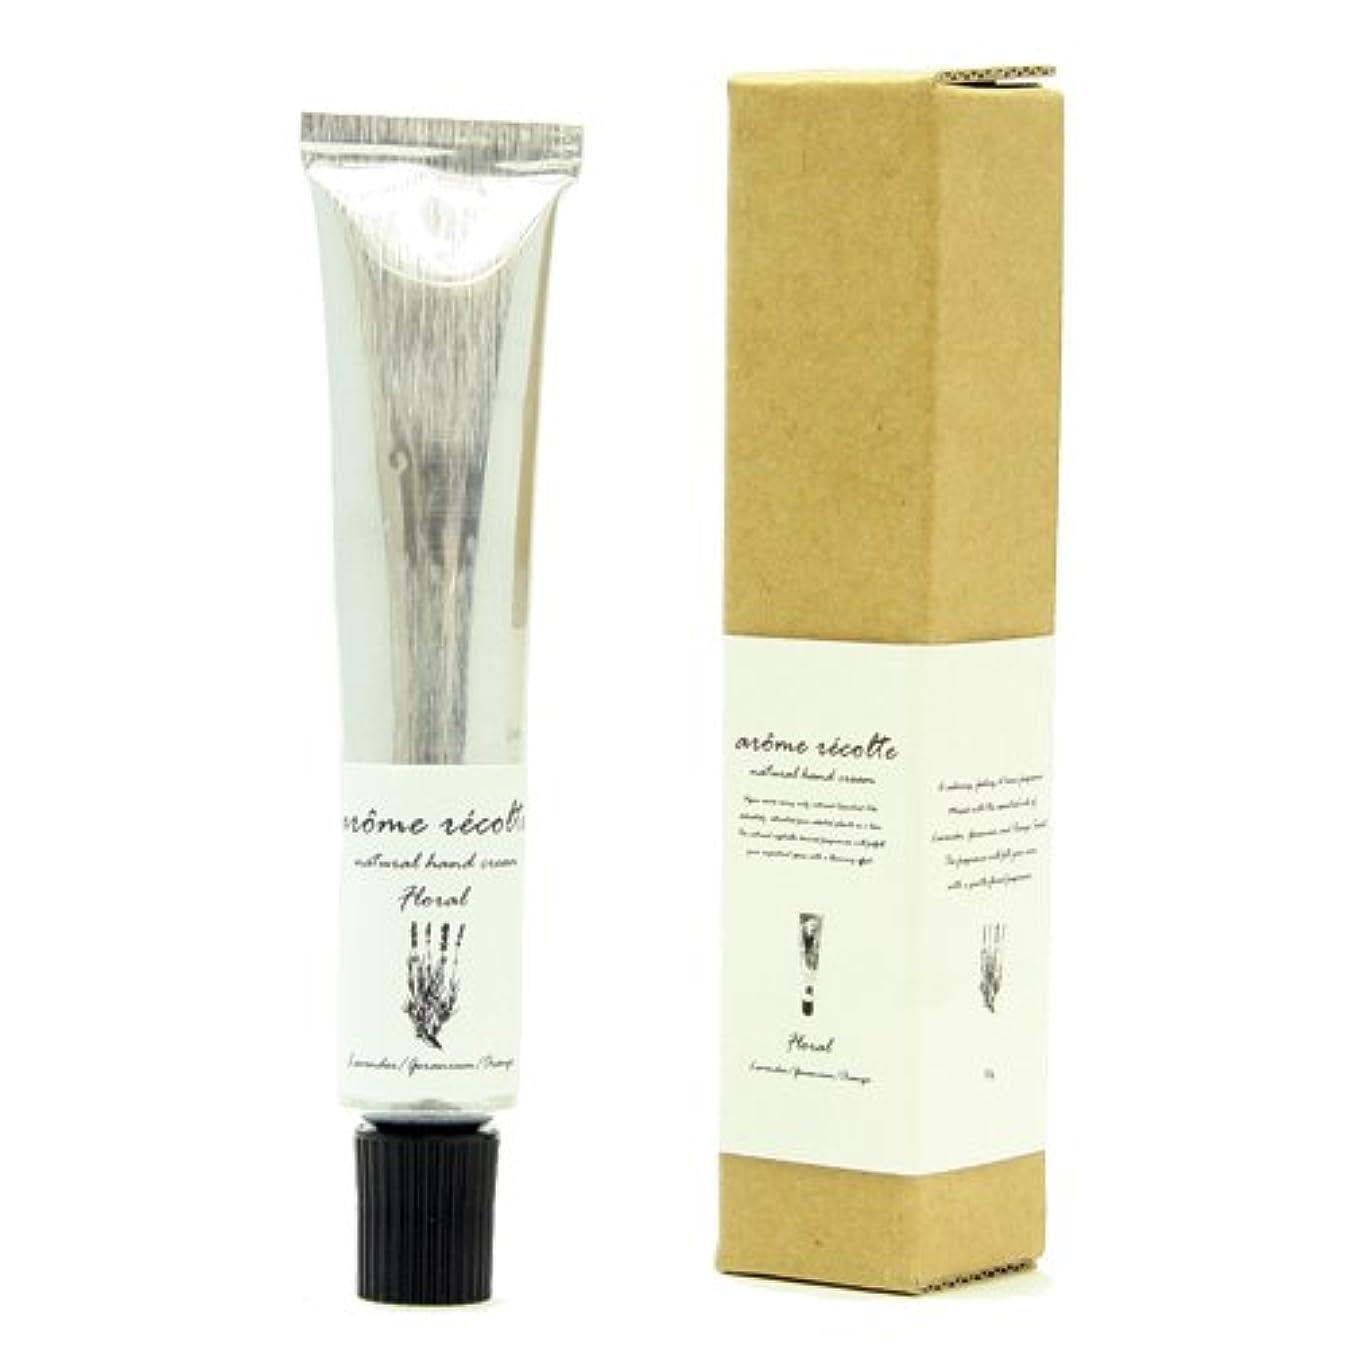 不十分を必要としています穀物アロマレコルト ナチュラル ハンドクリーム 30g フローラル Floral arome recolte hand cream